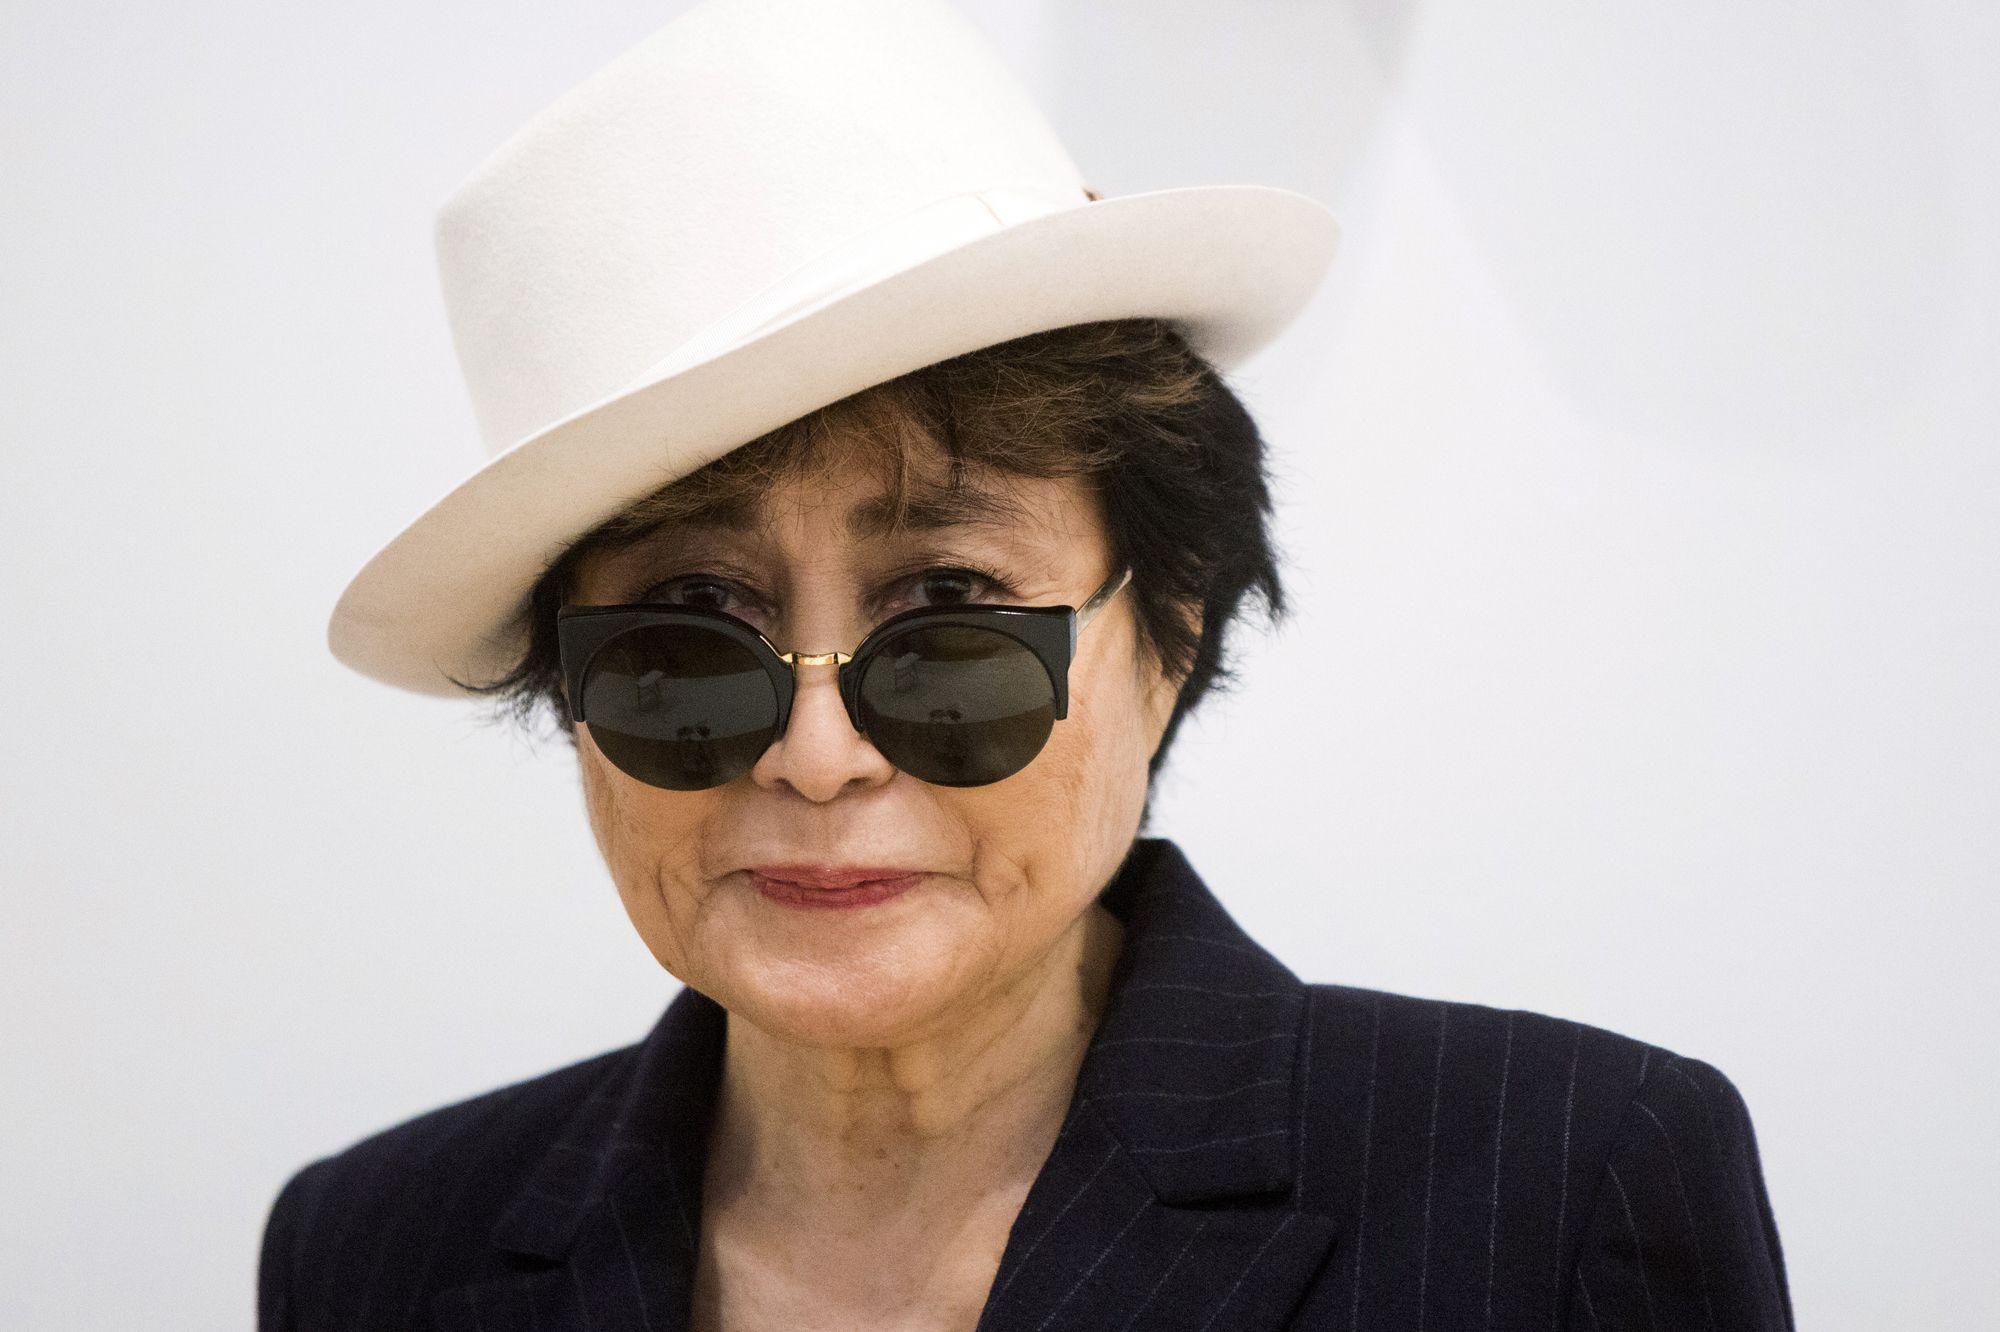 Il Etait Presque De La Famille Yoko Ono Publie Une Photo Trafiquee De David Bowie